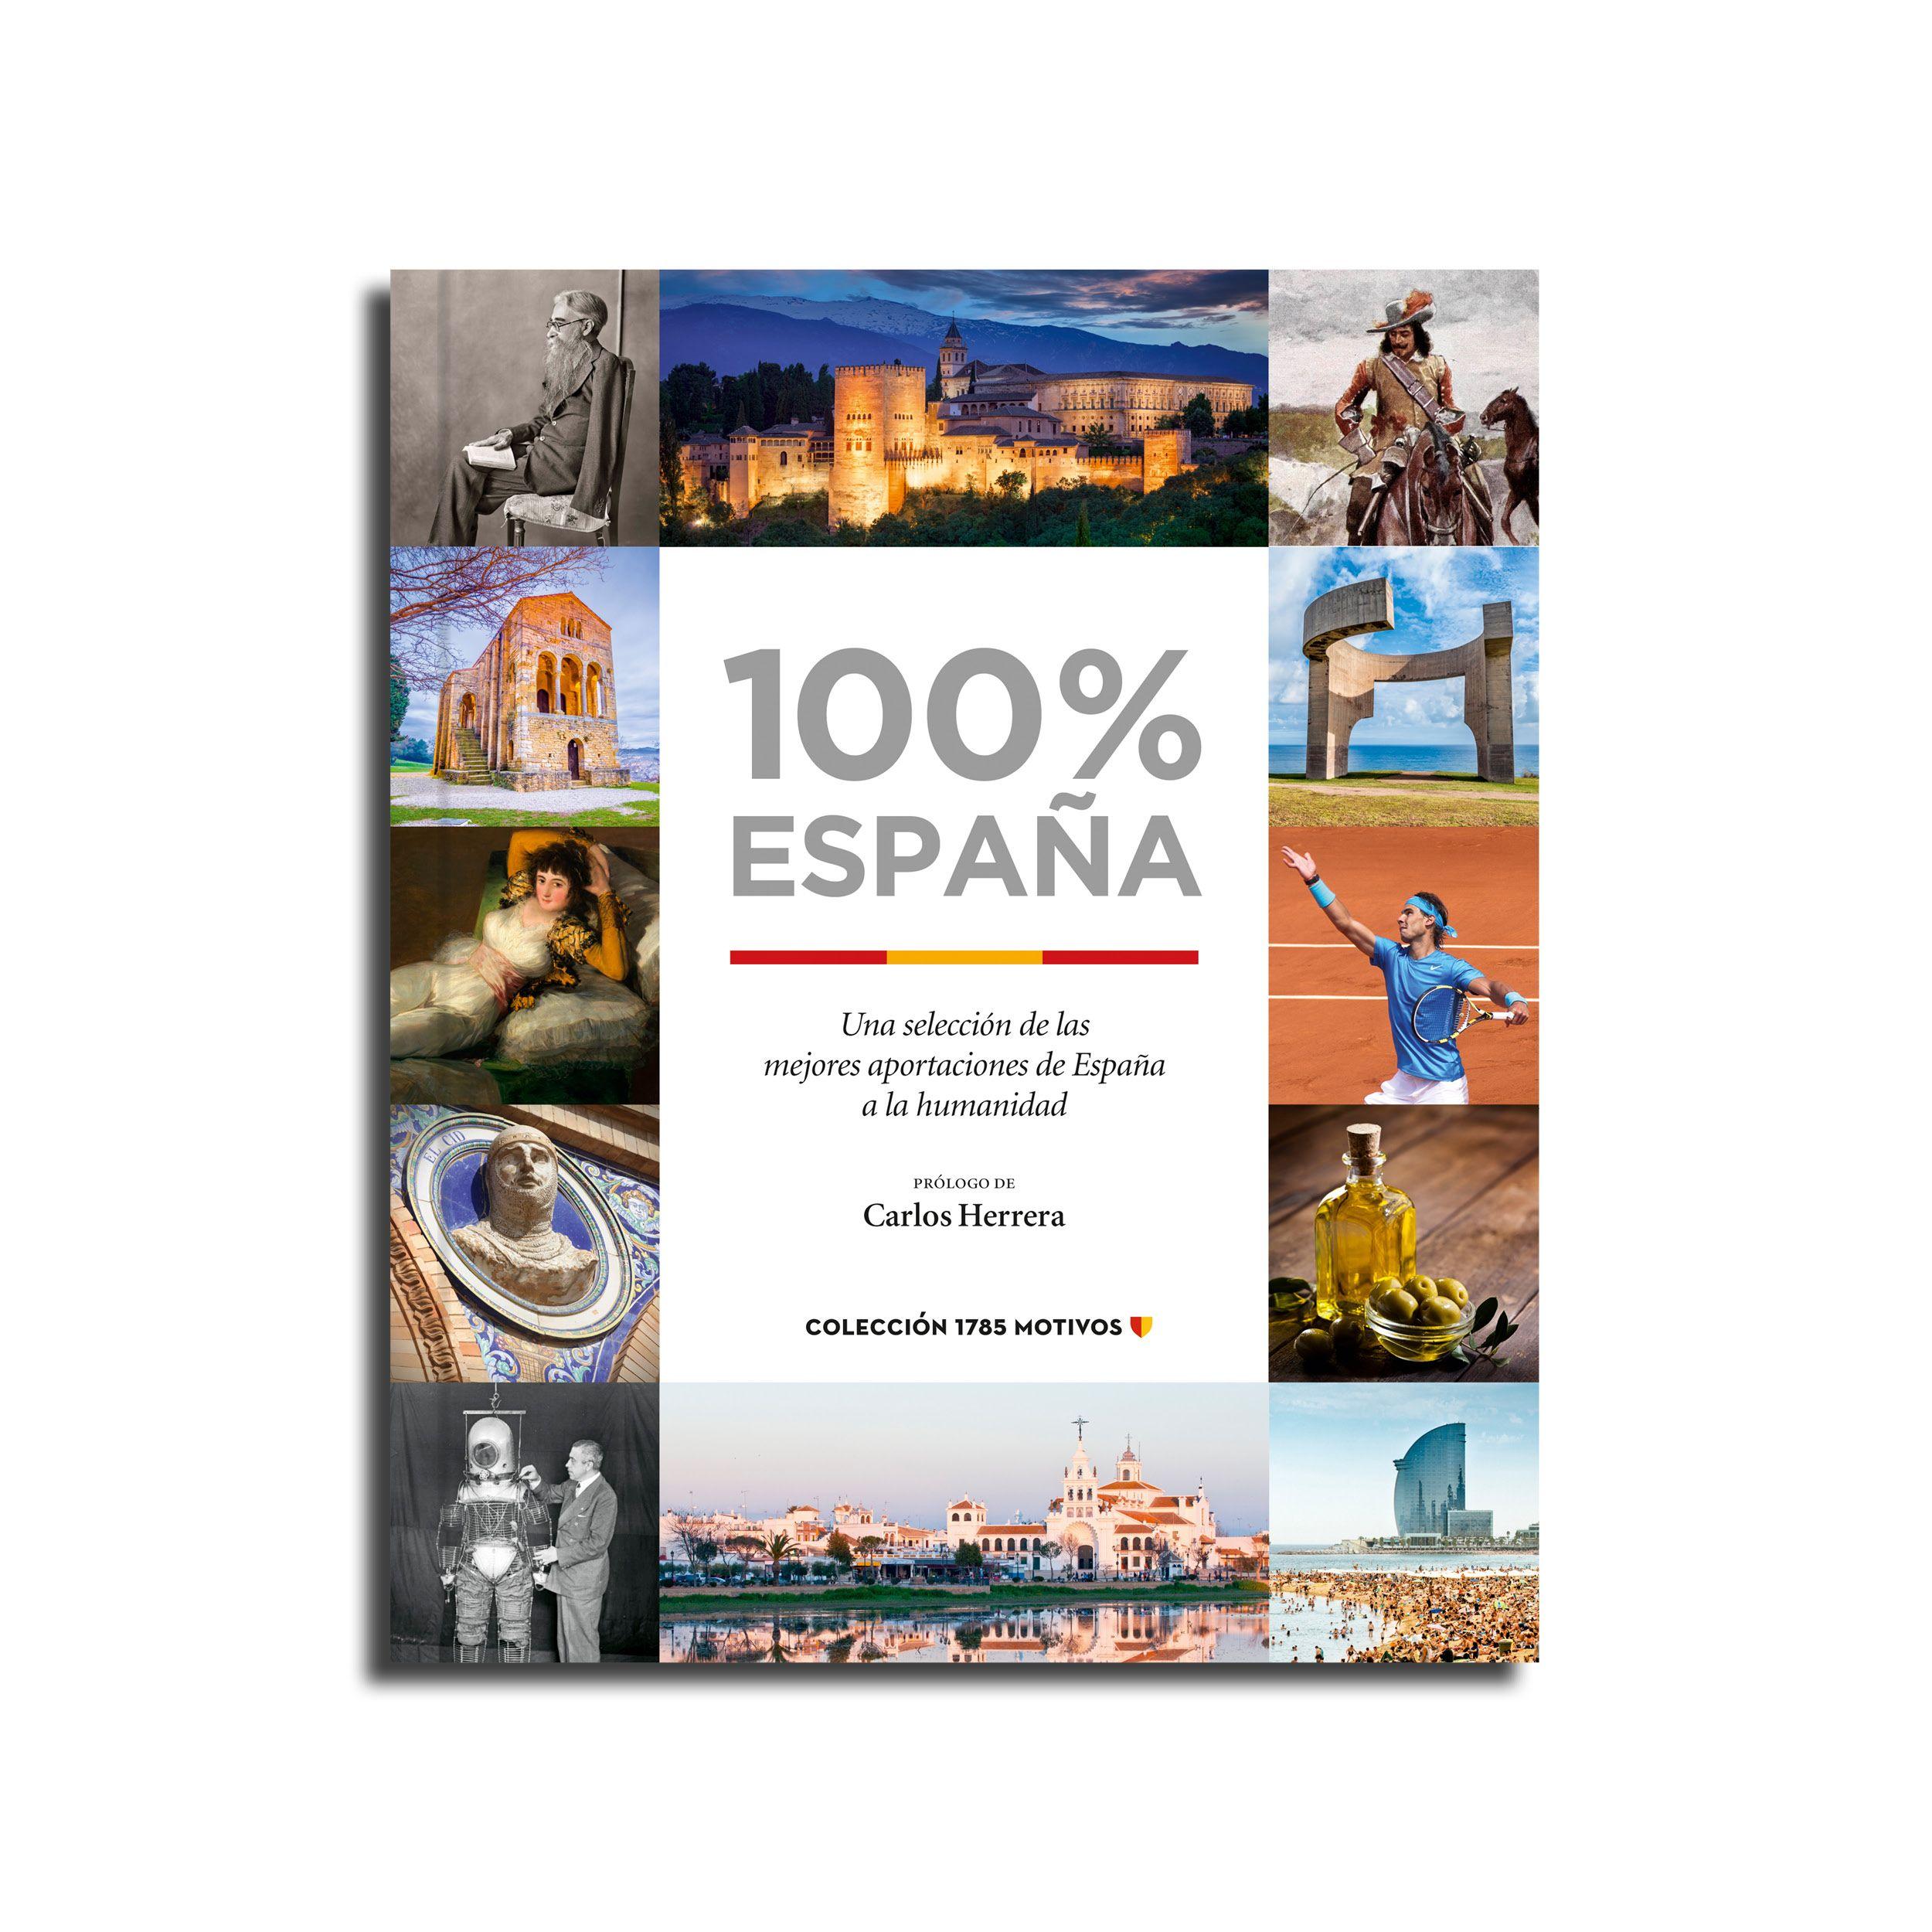 Foto de Portada libro 100% España